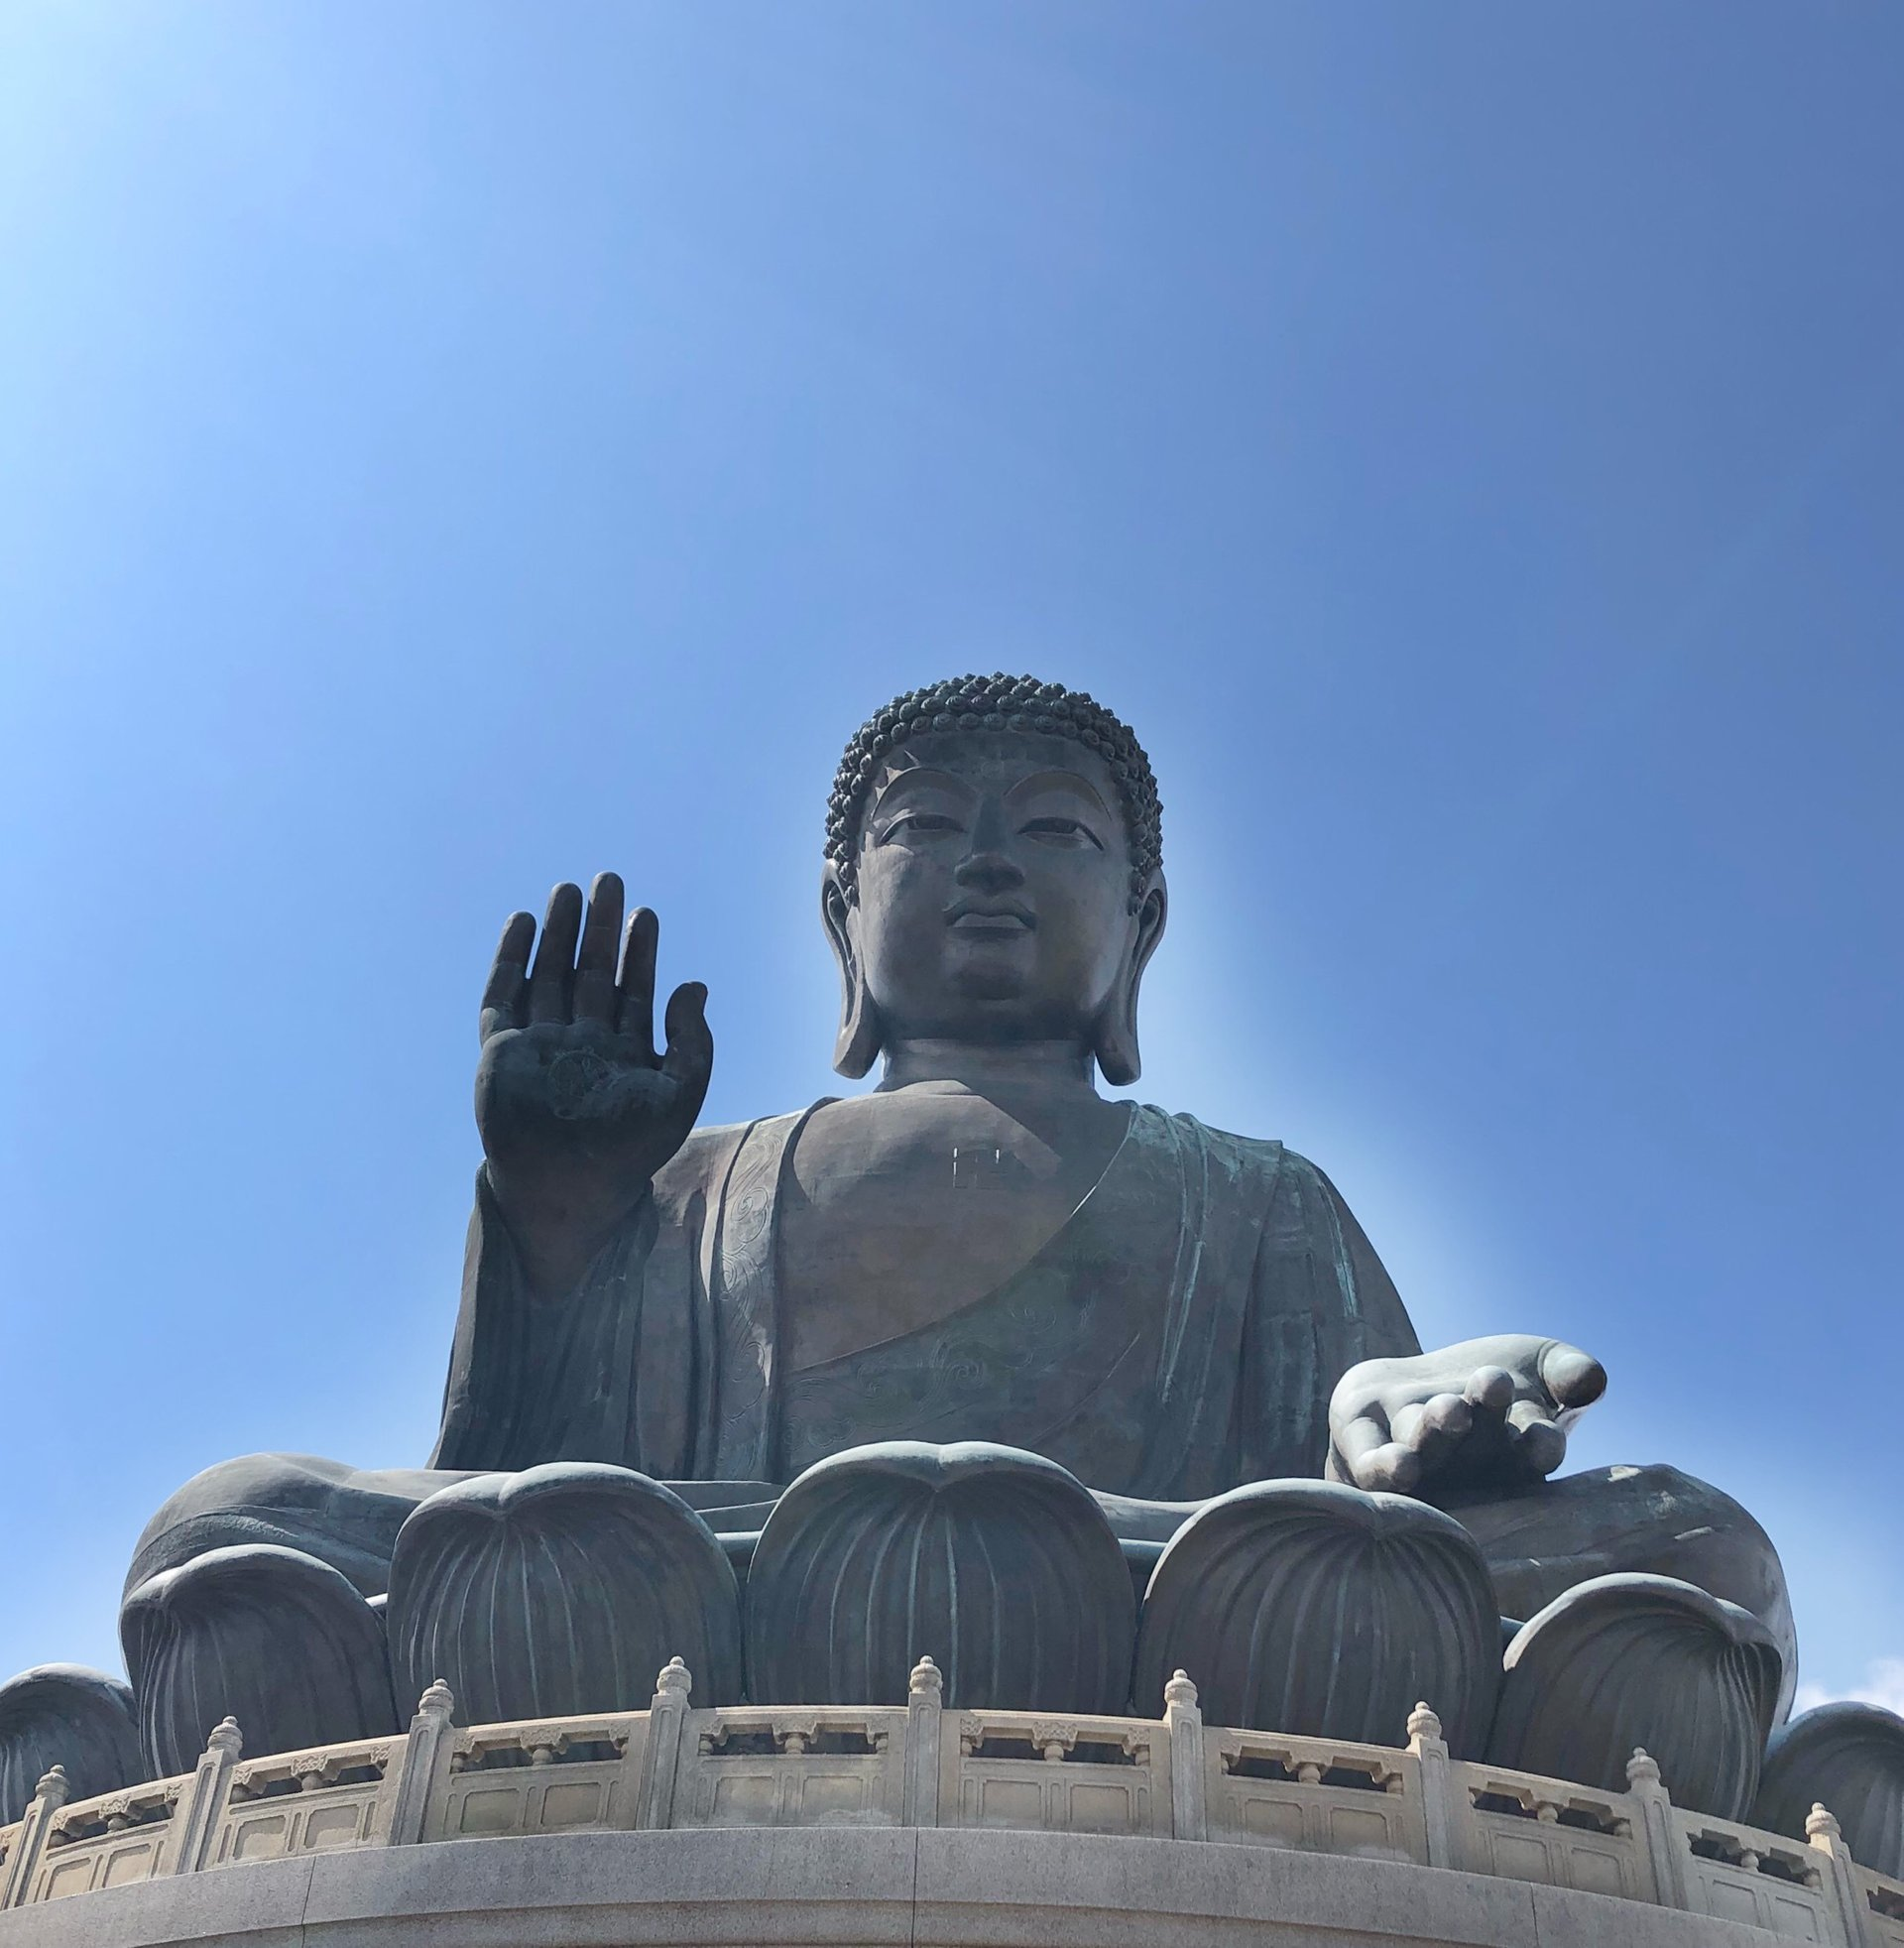 Tian Tan Buddha 2020